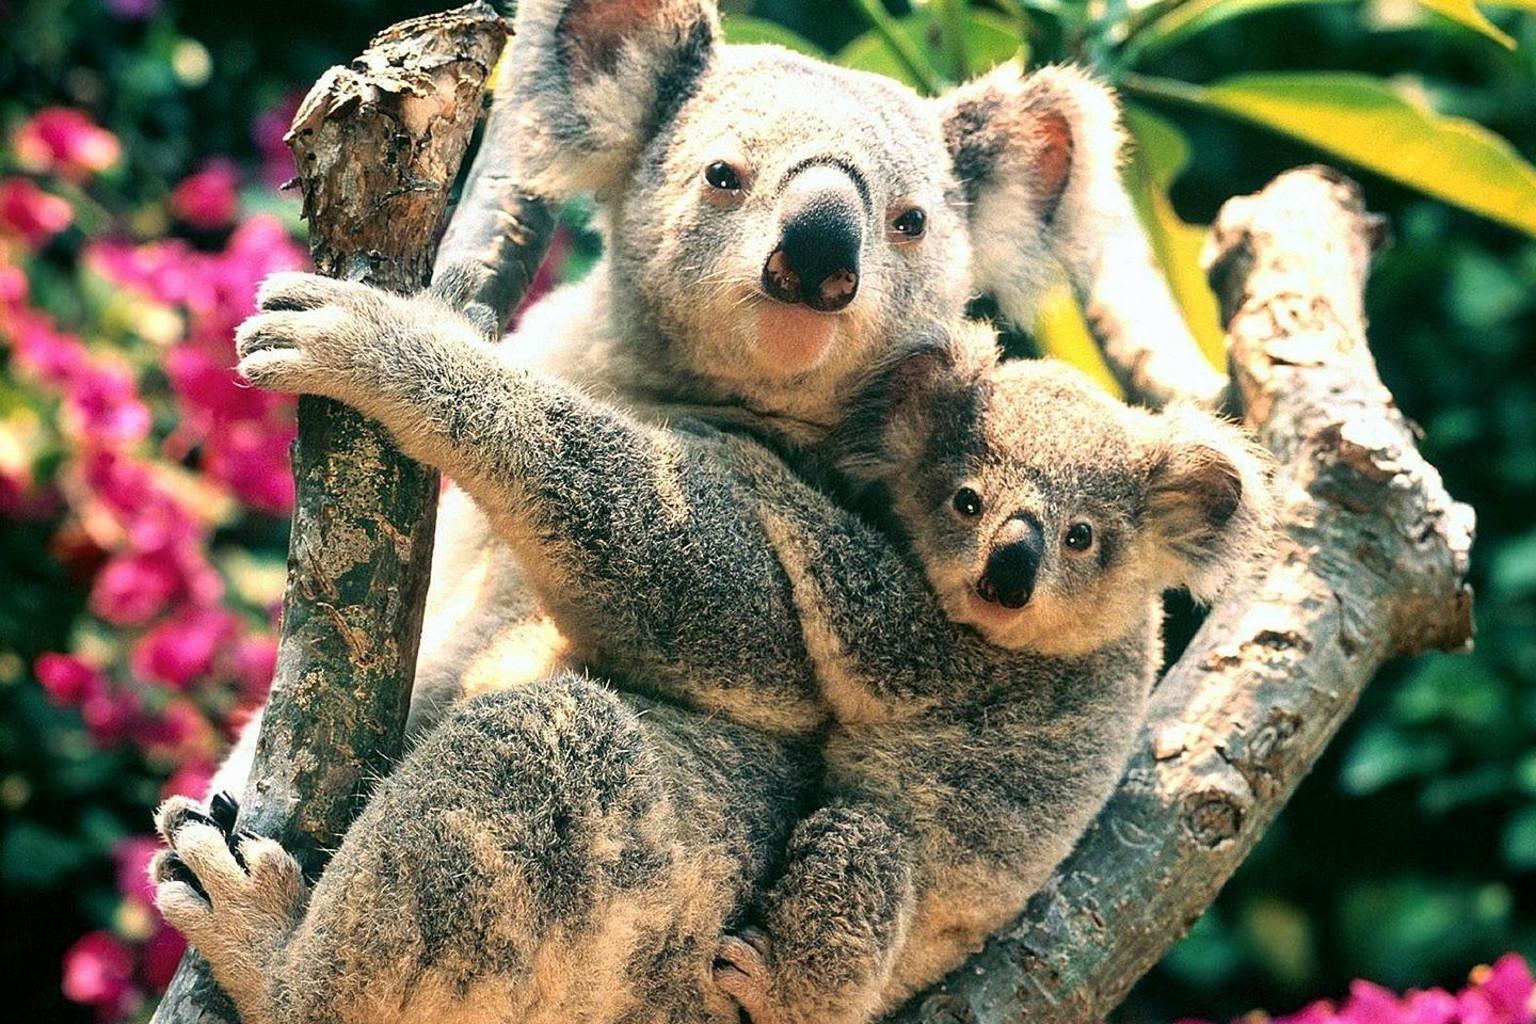 壁纸 动物 树袋熊 1536_1024